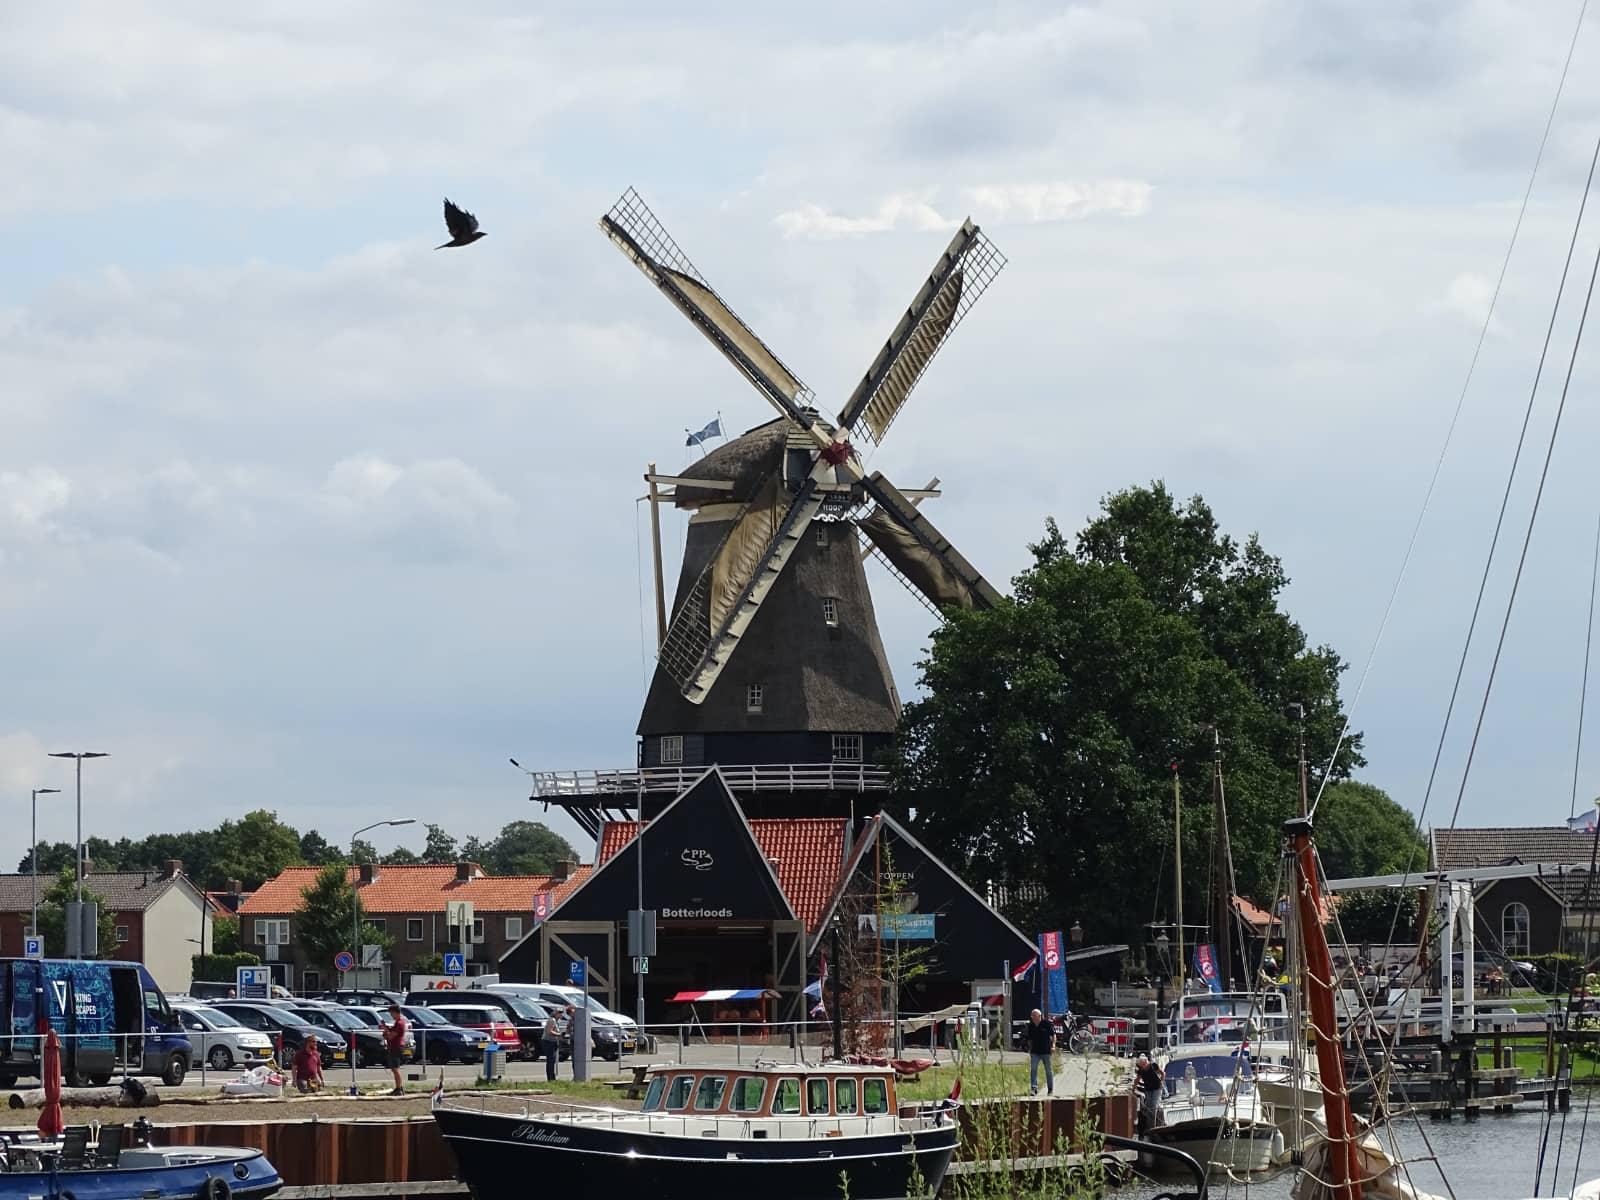 Fotowedstrijd van juli 2019 op Fotografie.nl